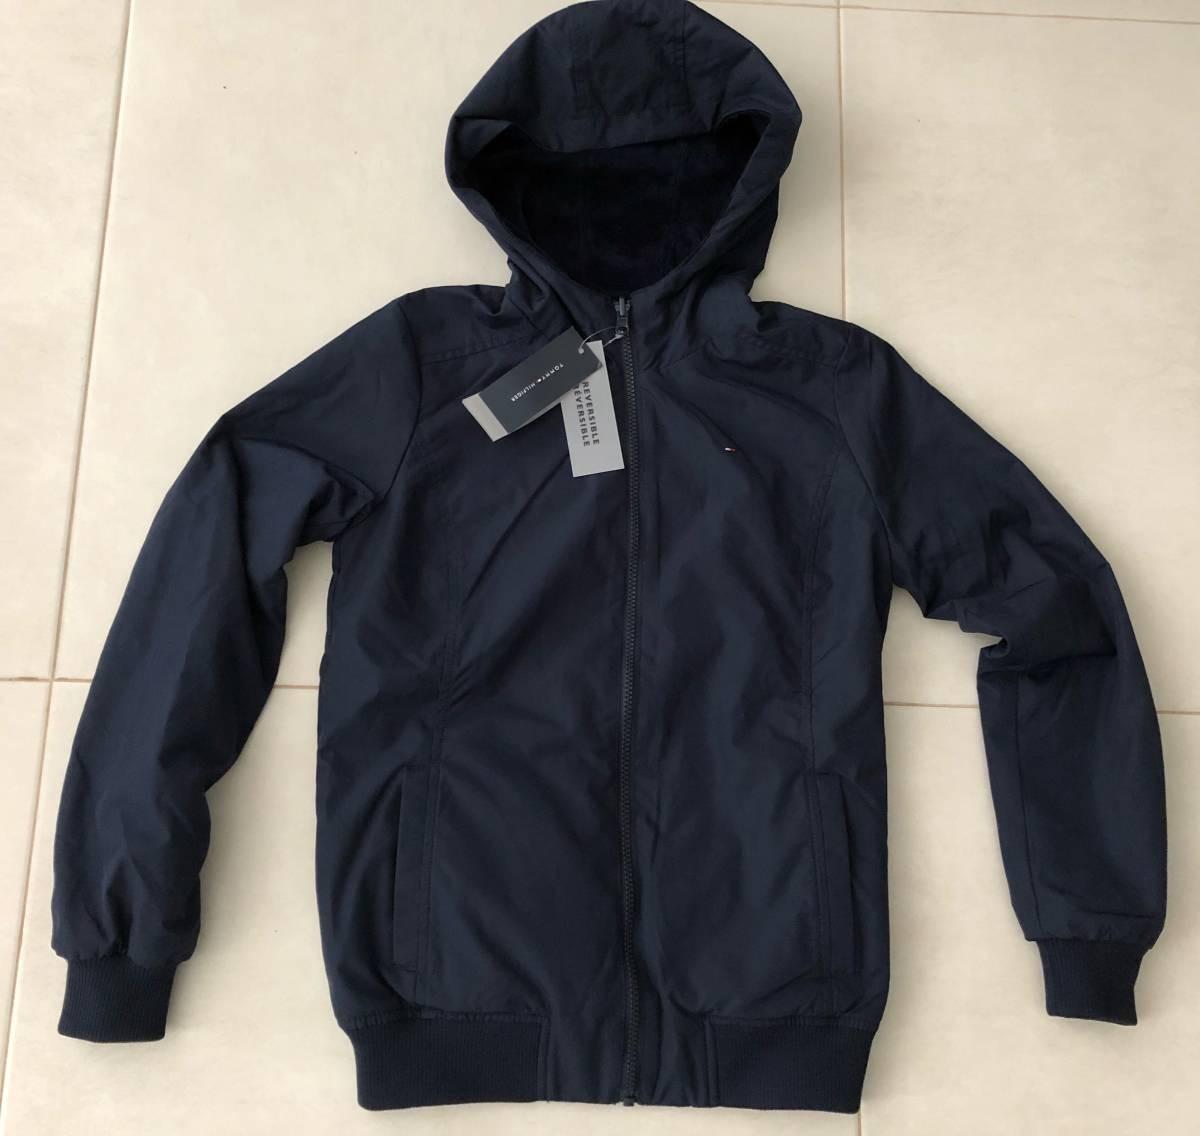 185c4e463 jaqueta tommy hilfiger masculina casaco ziper azul original. Carregando  zoom.